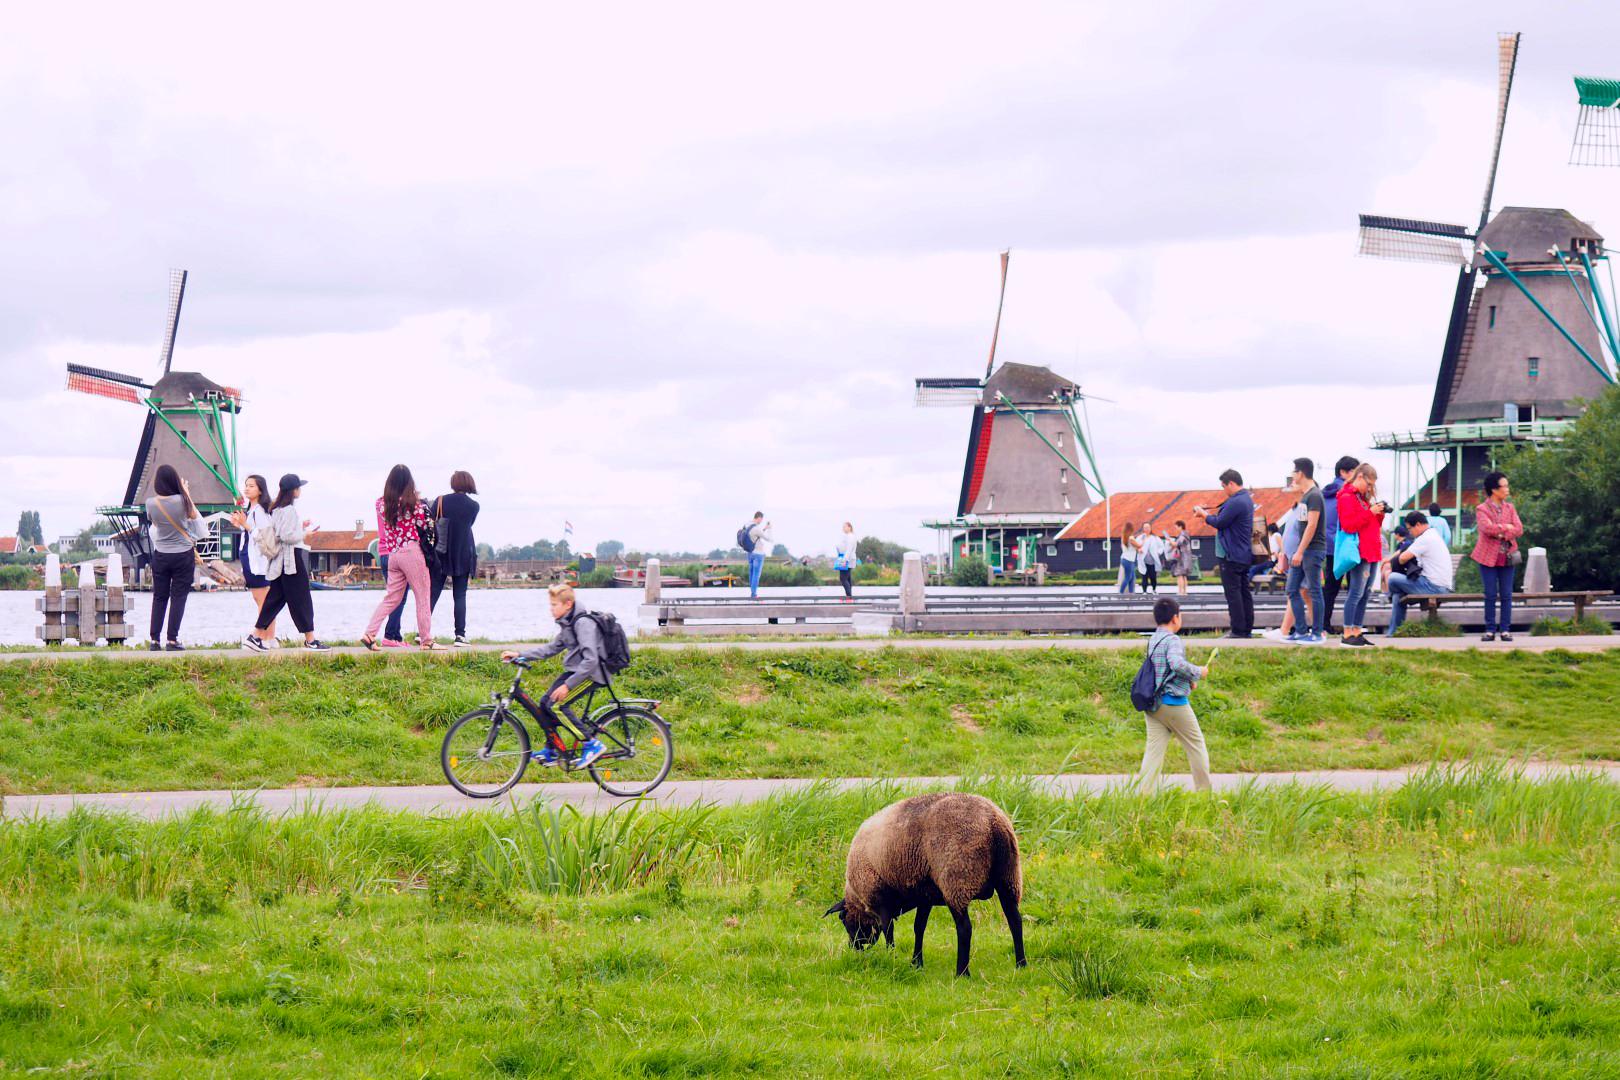 Qué ver en Amsterdam - Museo qué ver en amsterdam - 29397498686 f2df262d50 o - Qué ver en Amsterdam